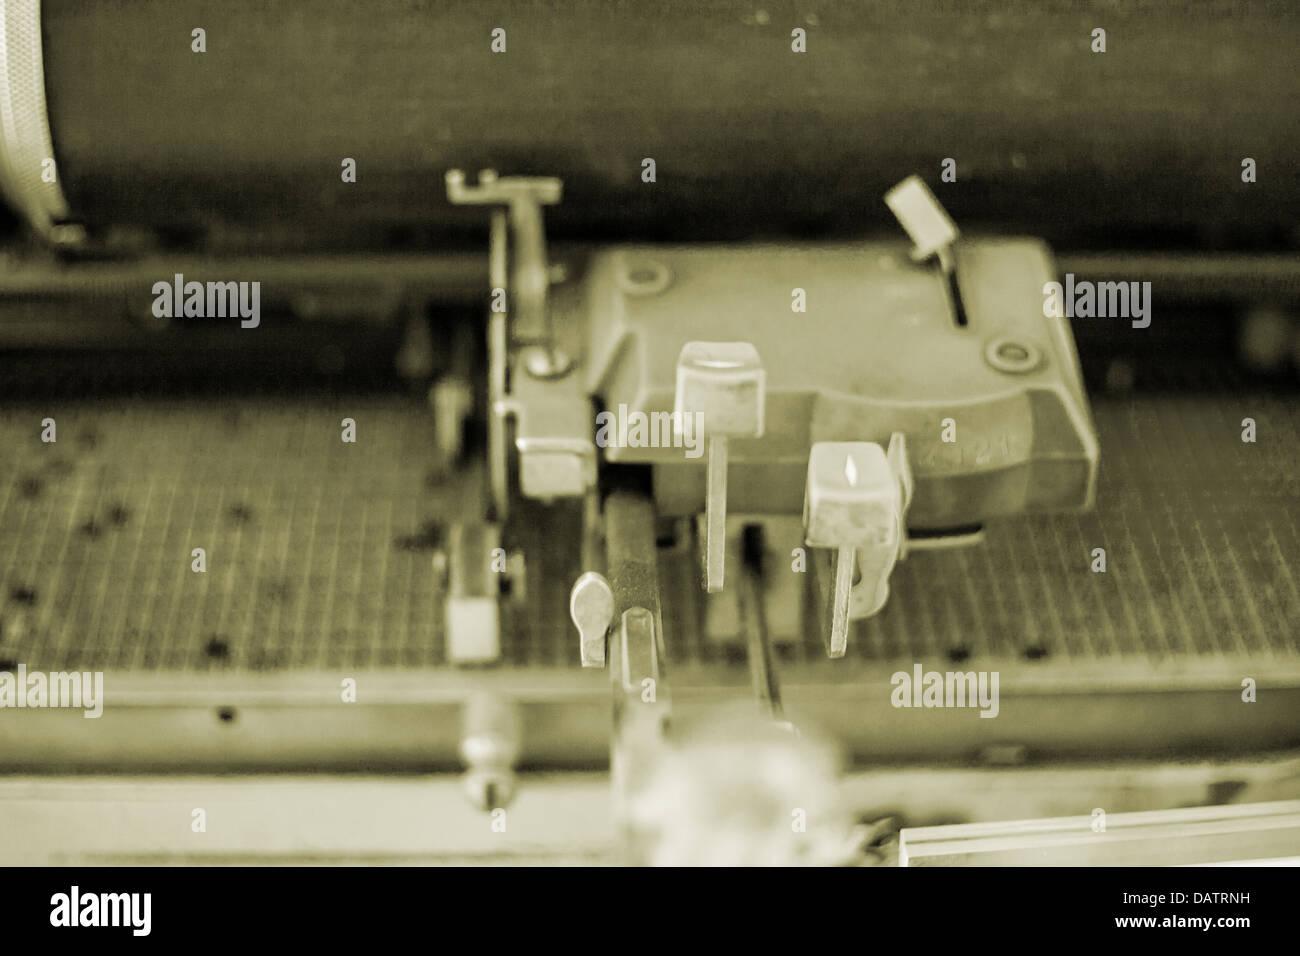 Old-fashioned manual typewriter, keyboard - Stock Image